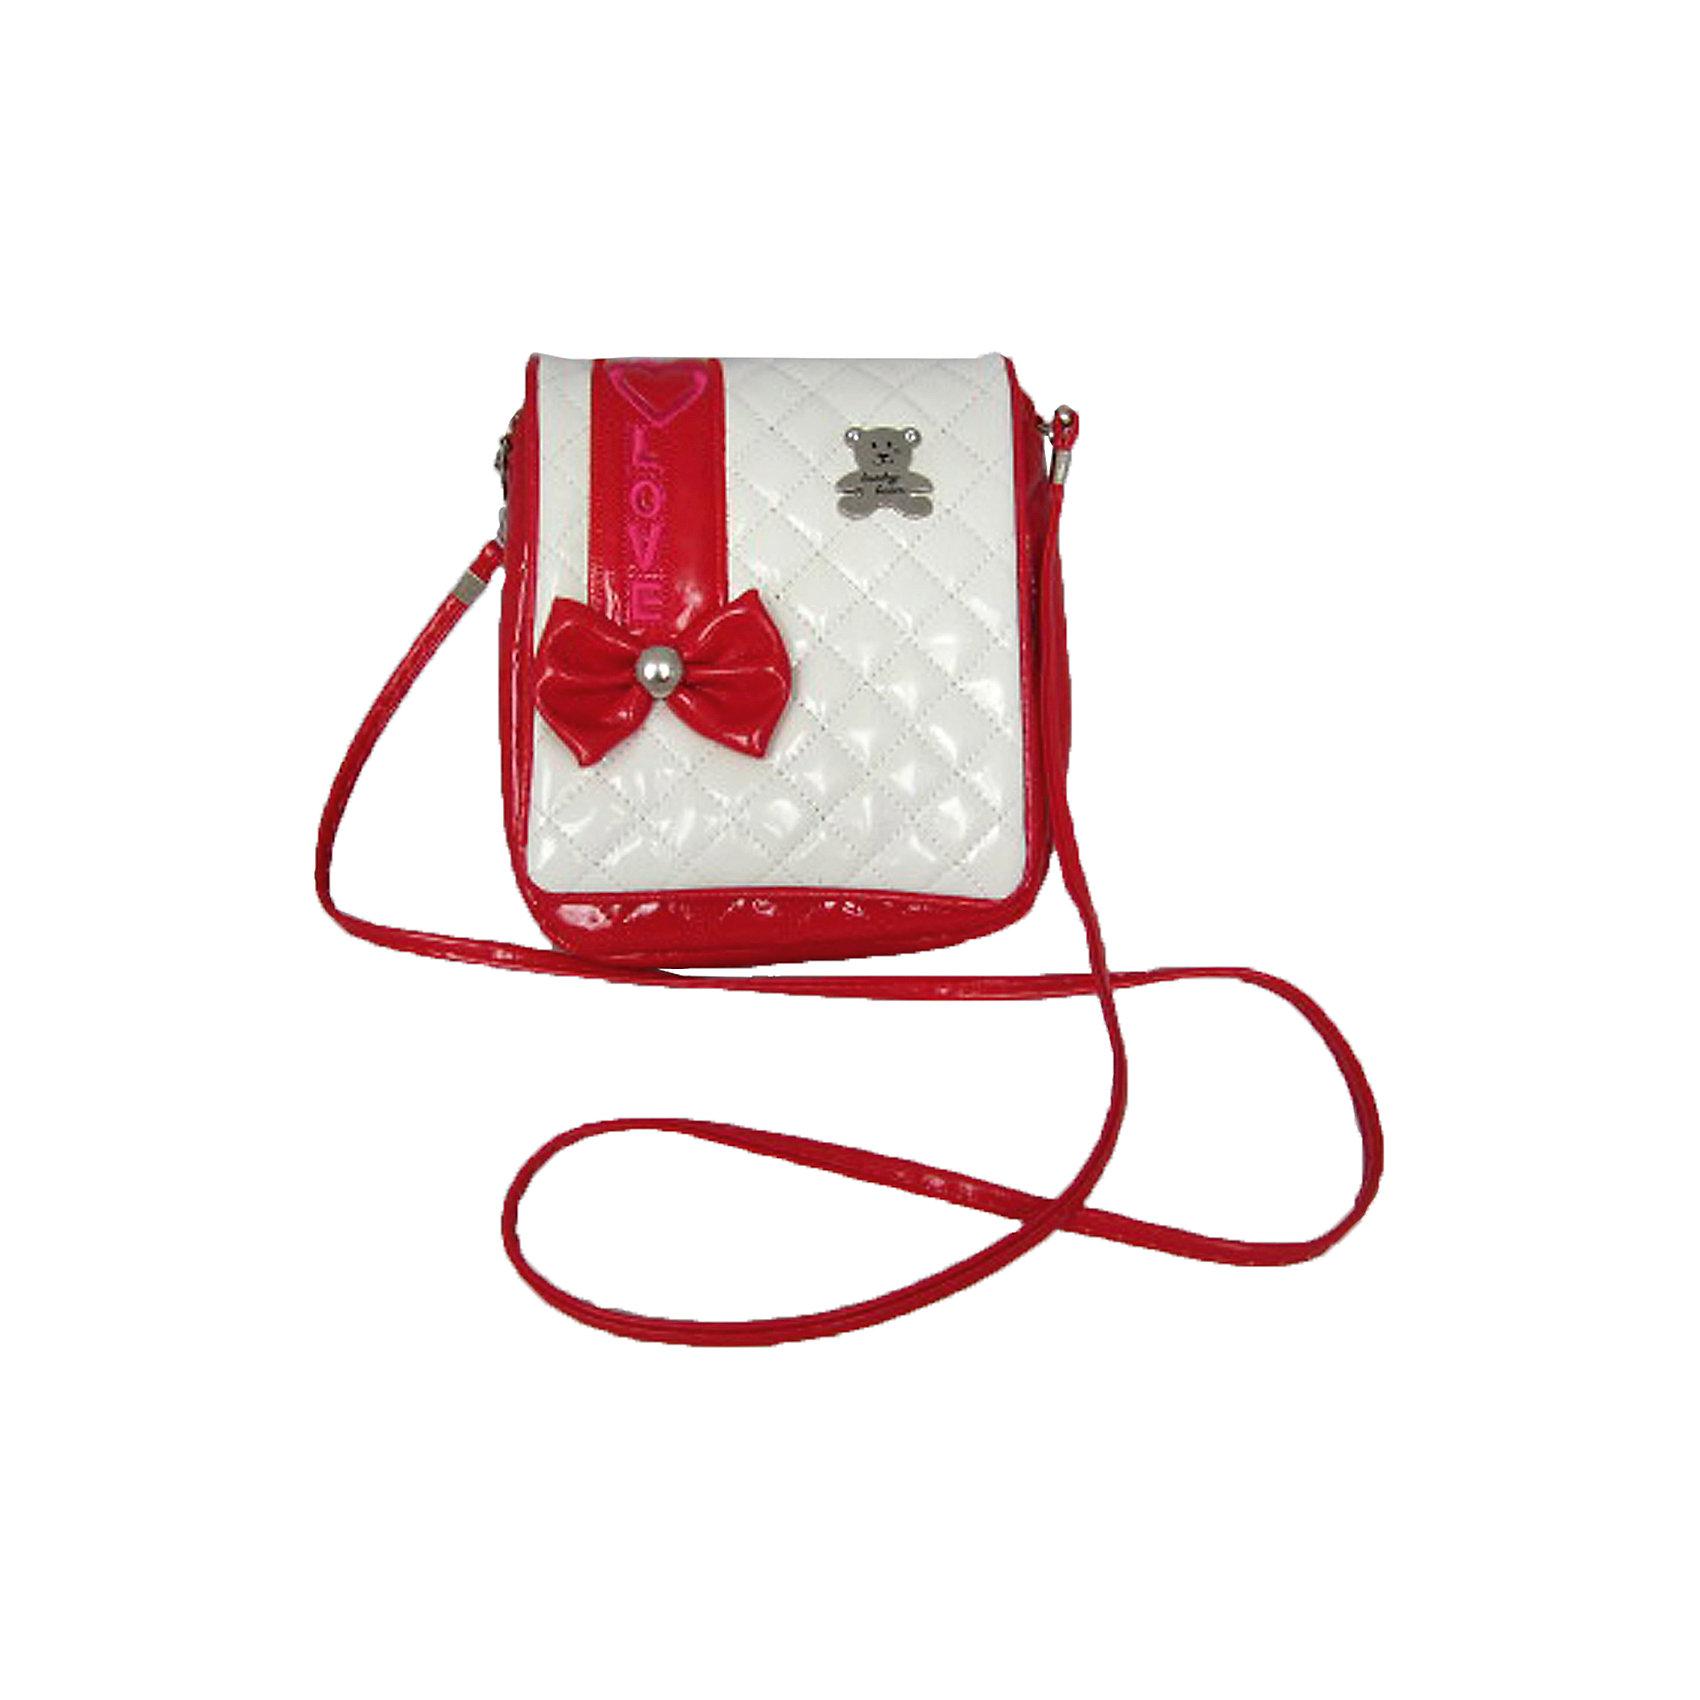 Сумочка Мишки на плечо красно-белаяДетские сумки<br>Каждая маленькая модница точно знает, как важно, чтобы сумочка подходила по цвету к туфлям! Новая коллекция сумочек для девочек выполнена в самых любимых девичьих цветах. В сумочку можно положить зеркальце, расческу и заколки - теперь все необходимое всегда под рукой!<br><br>Ширина мм: 210<br>Глубина мм: 180<br>Высота мм: 300<br>Вес г: 116<br>Возраст от месяцев: 36<br>Возраст до месяцев: 2147483647<br>Пол: Женский<br>Возраст: Детский<br>SKU: 5508566